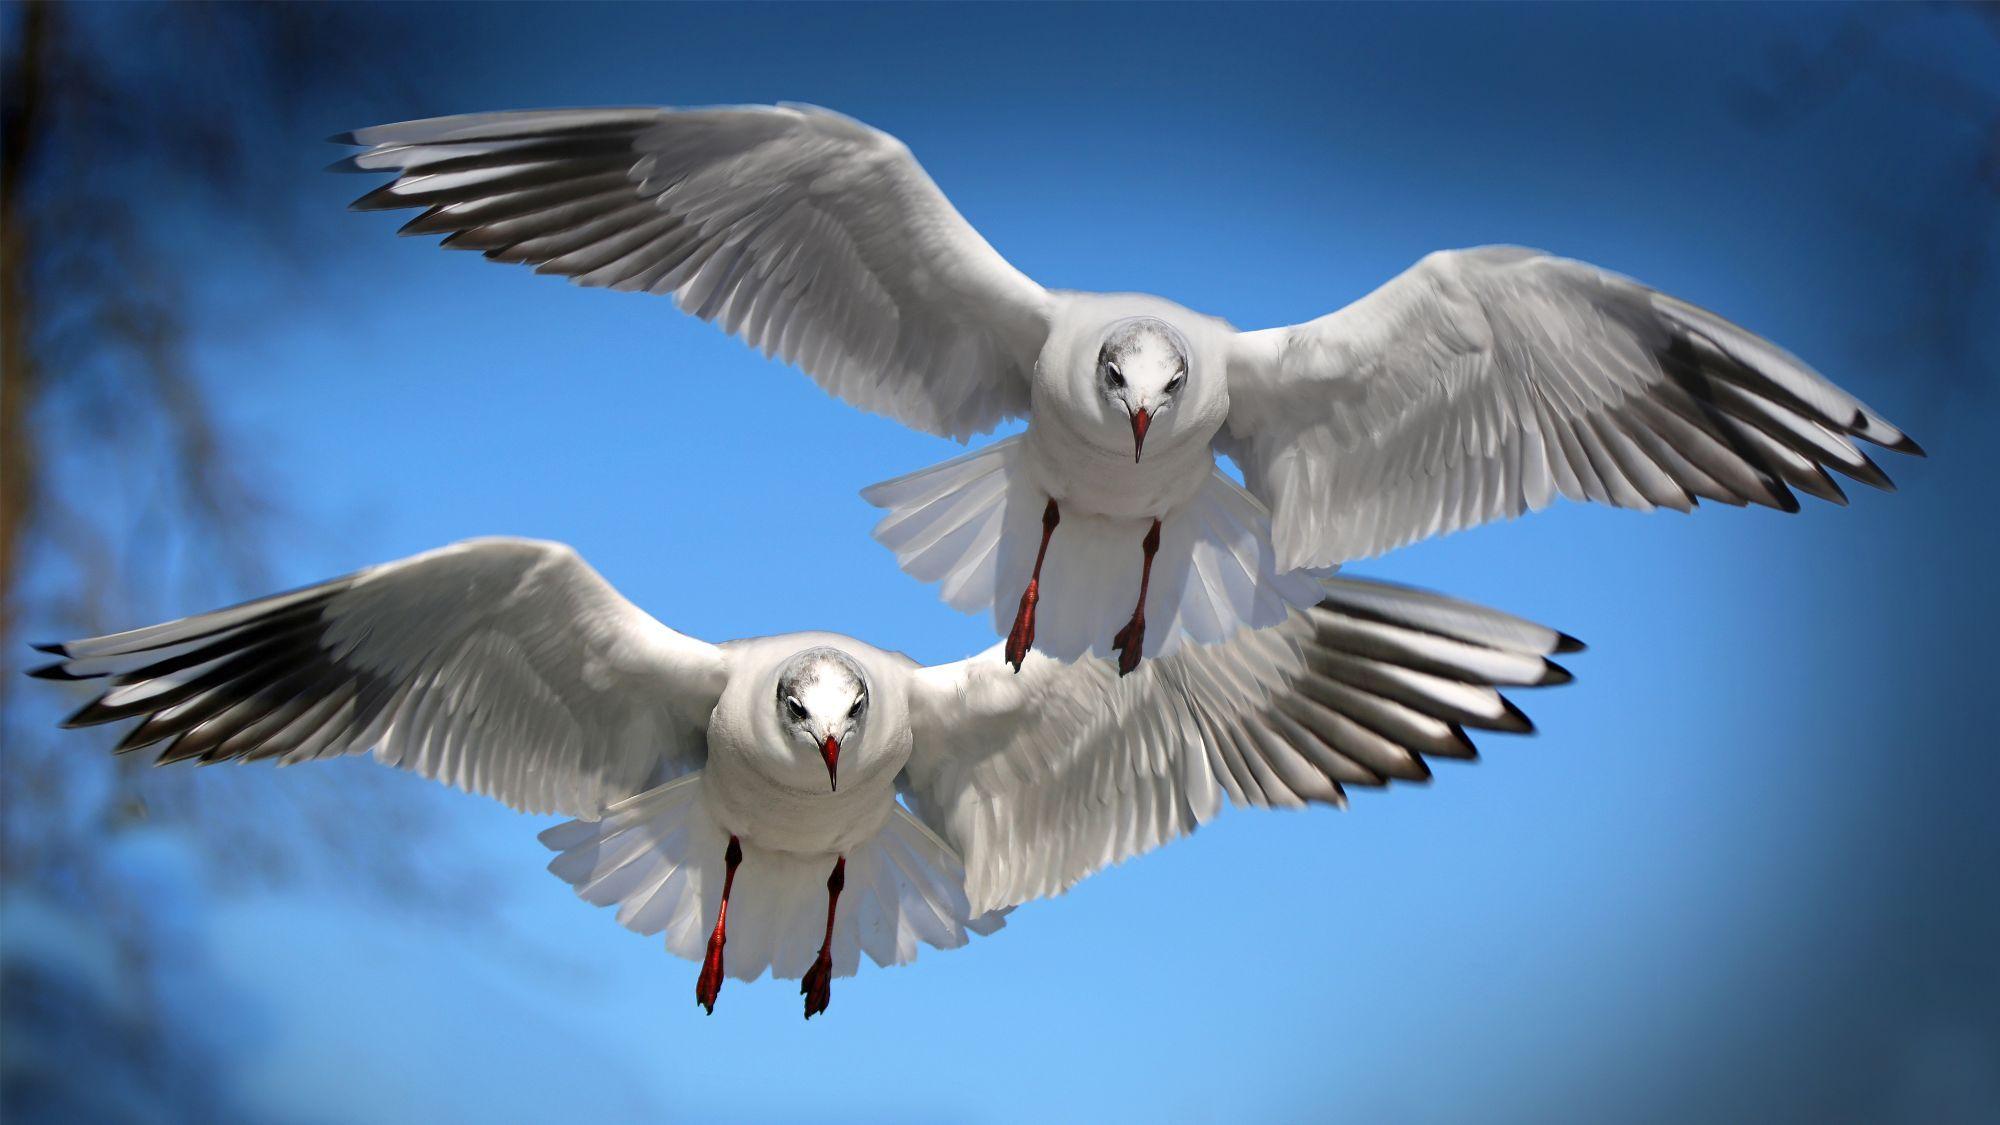 mouettes-les-oiseaux-vivent-en-couple